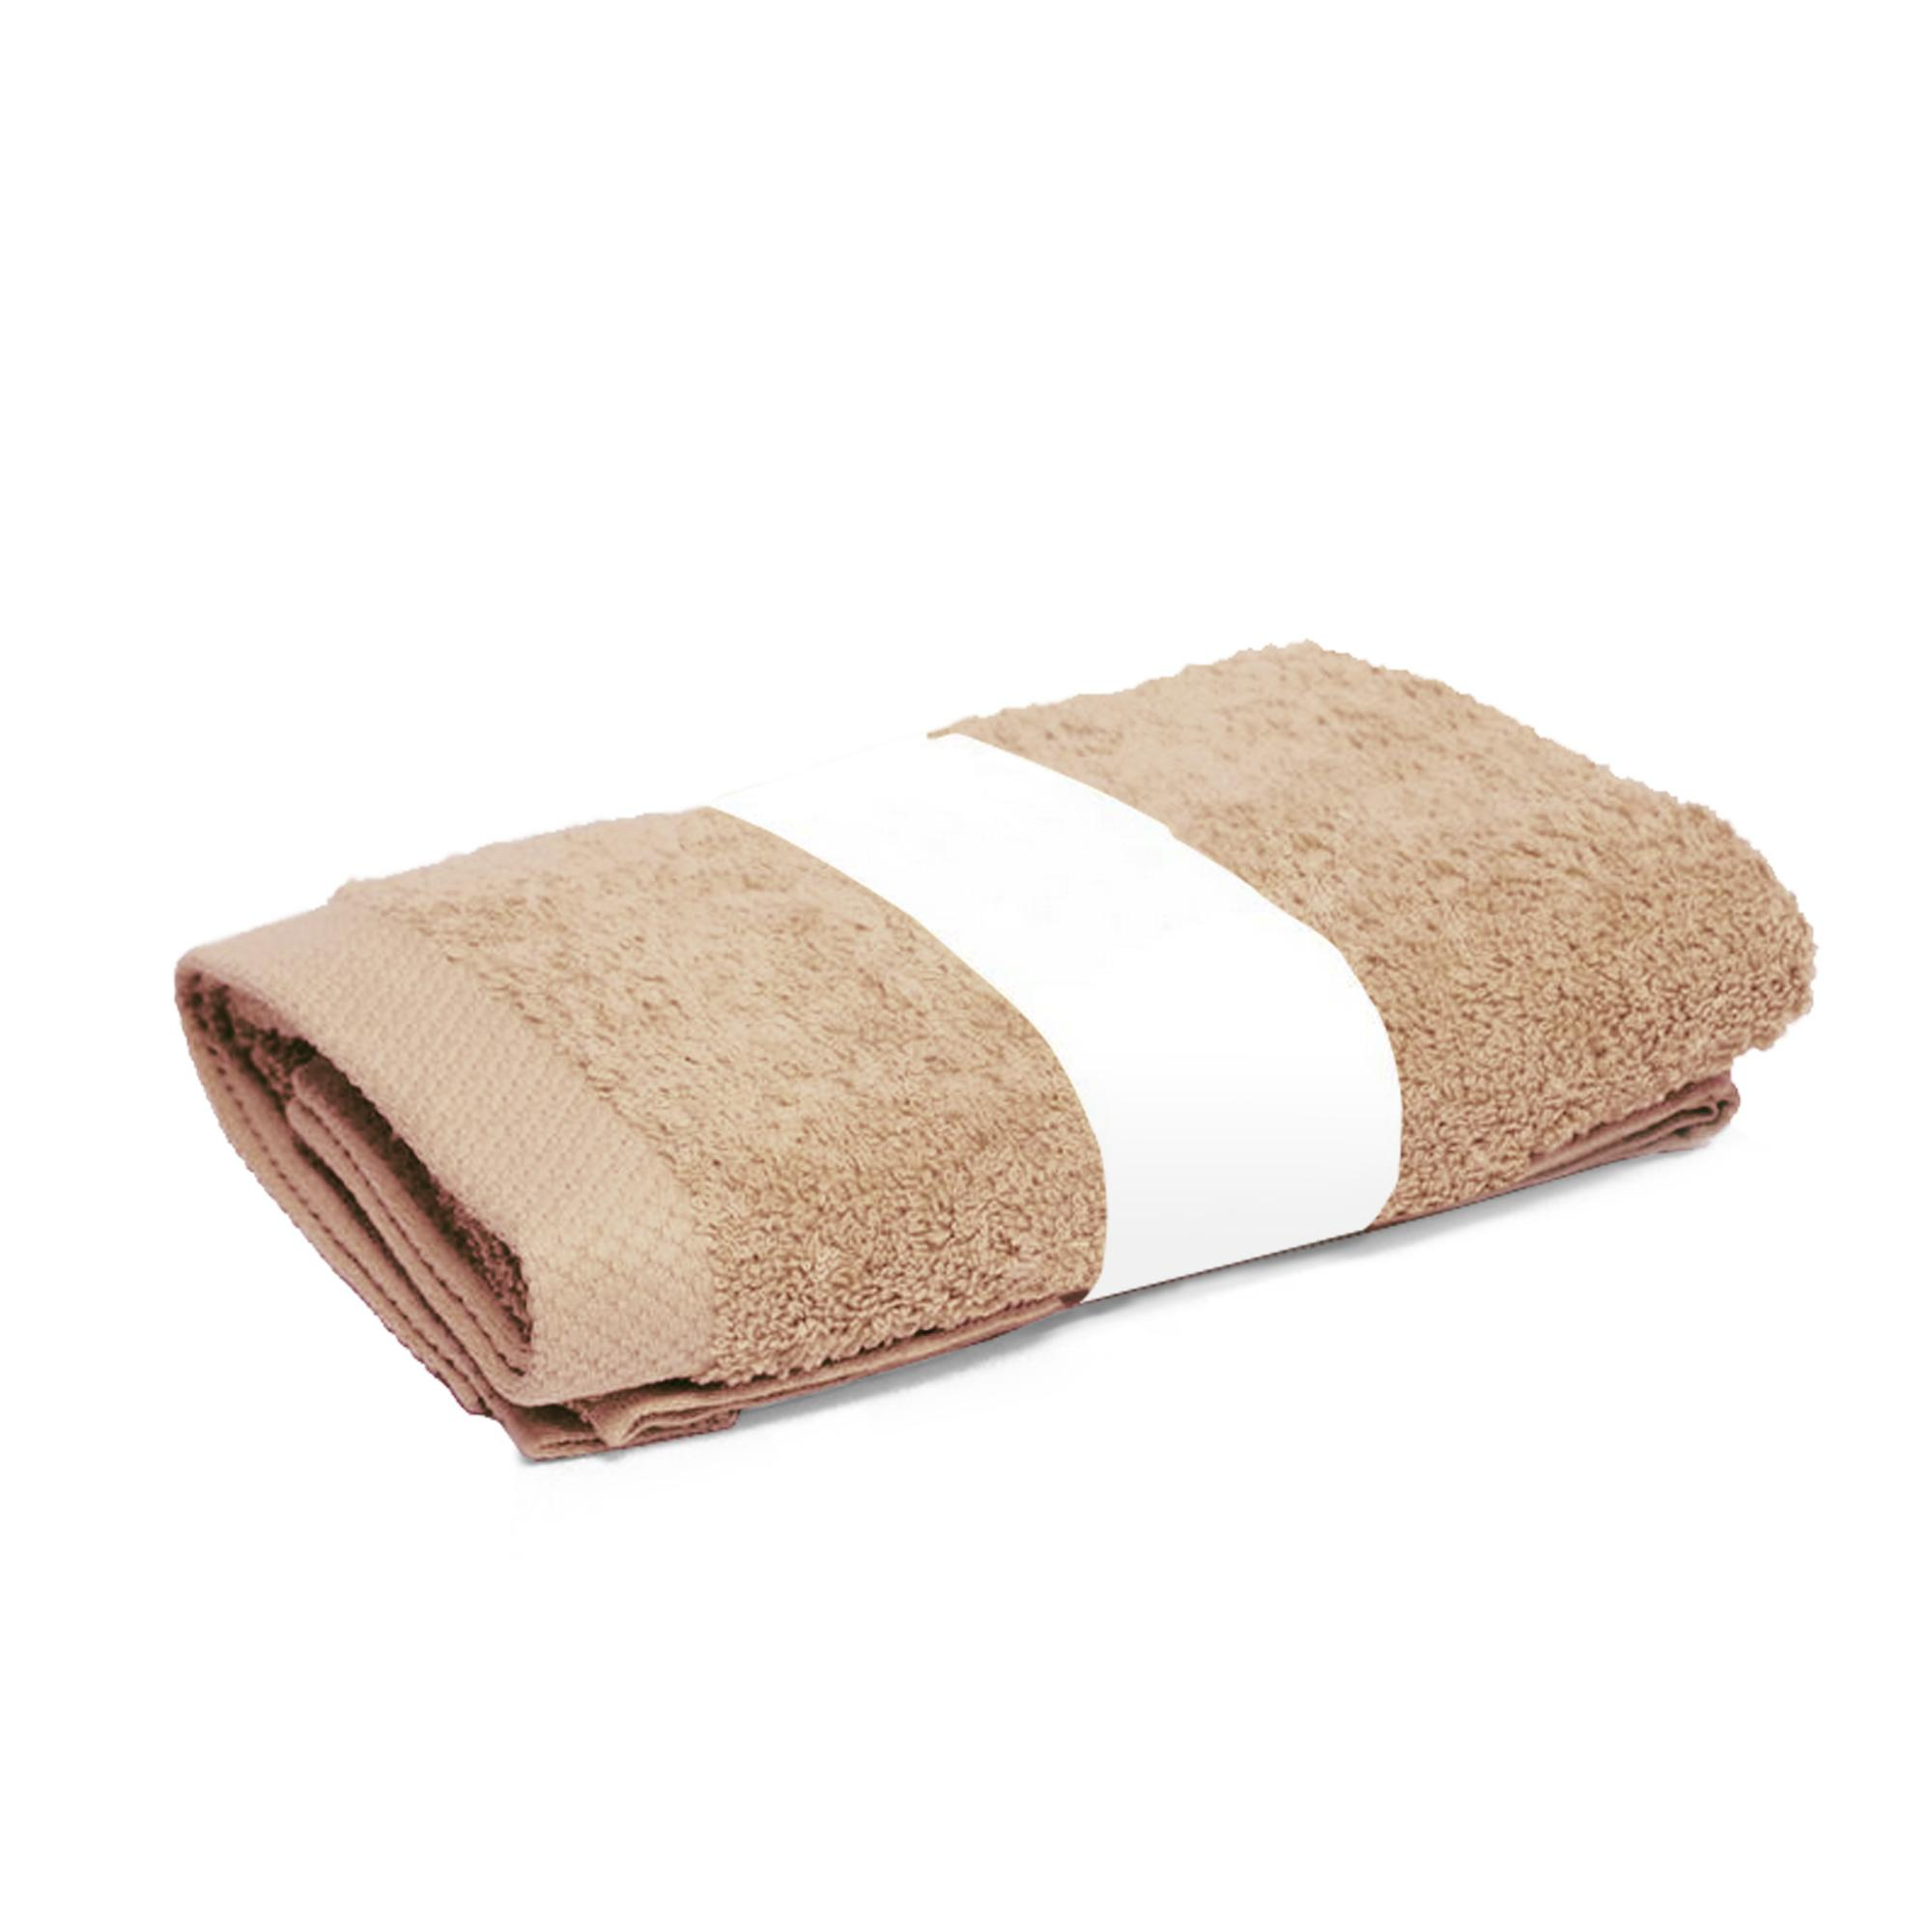 Drap de douche 70x140cm coton uni pure beige linnea linge de maison et - Drap de douche personnalise ...